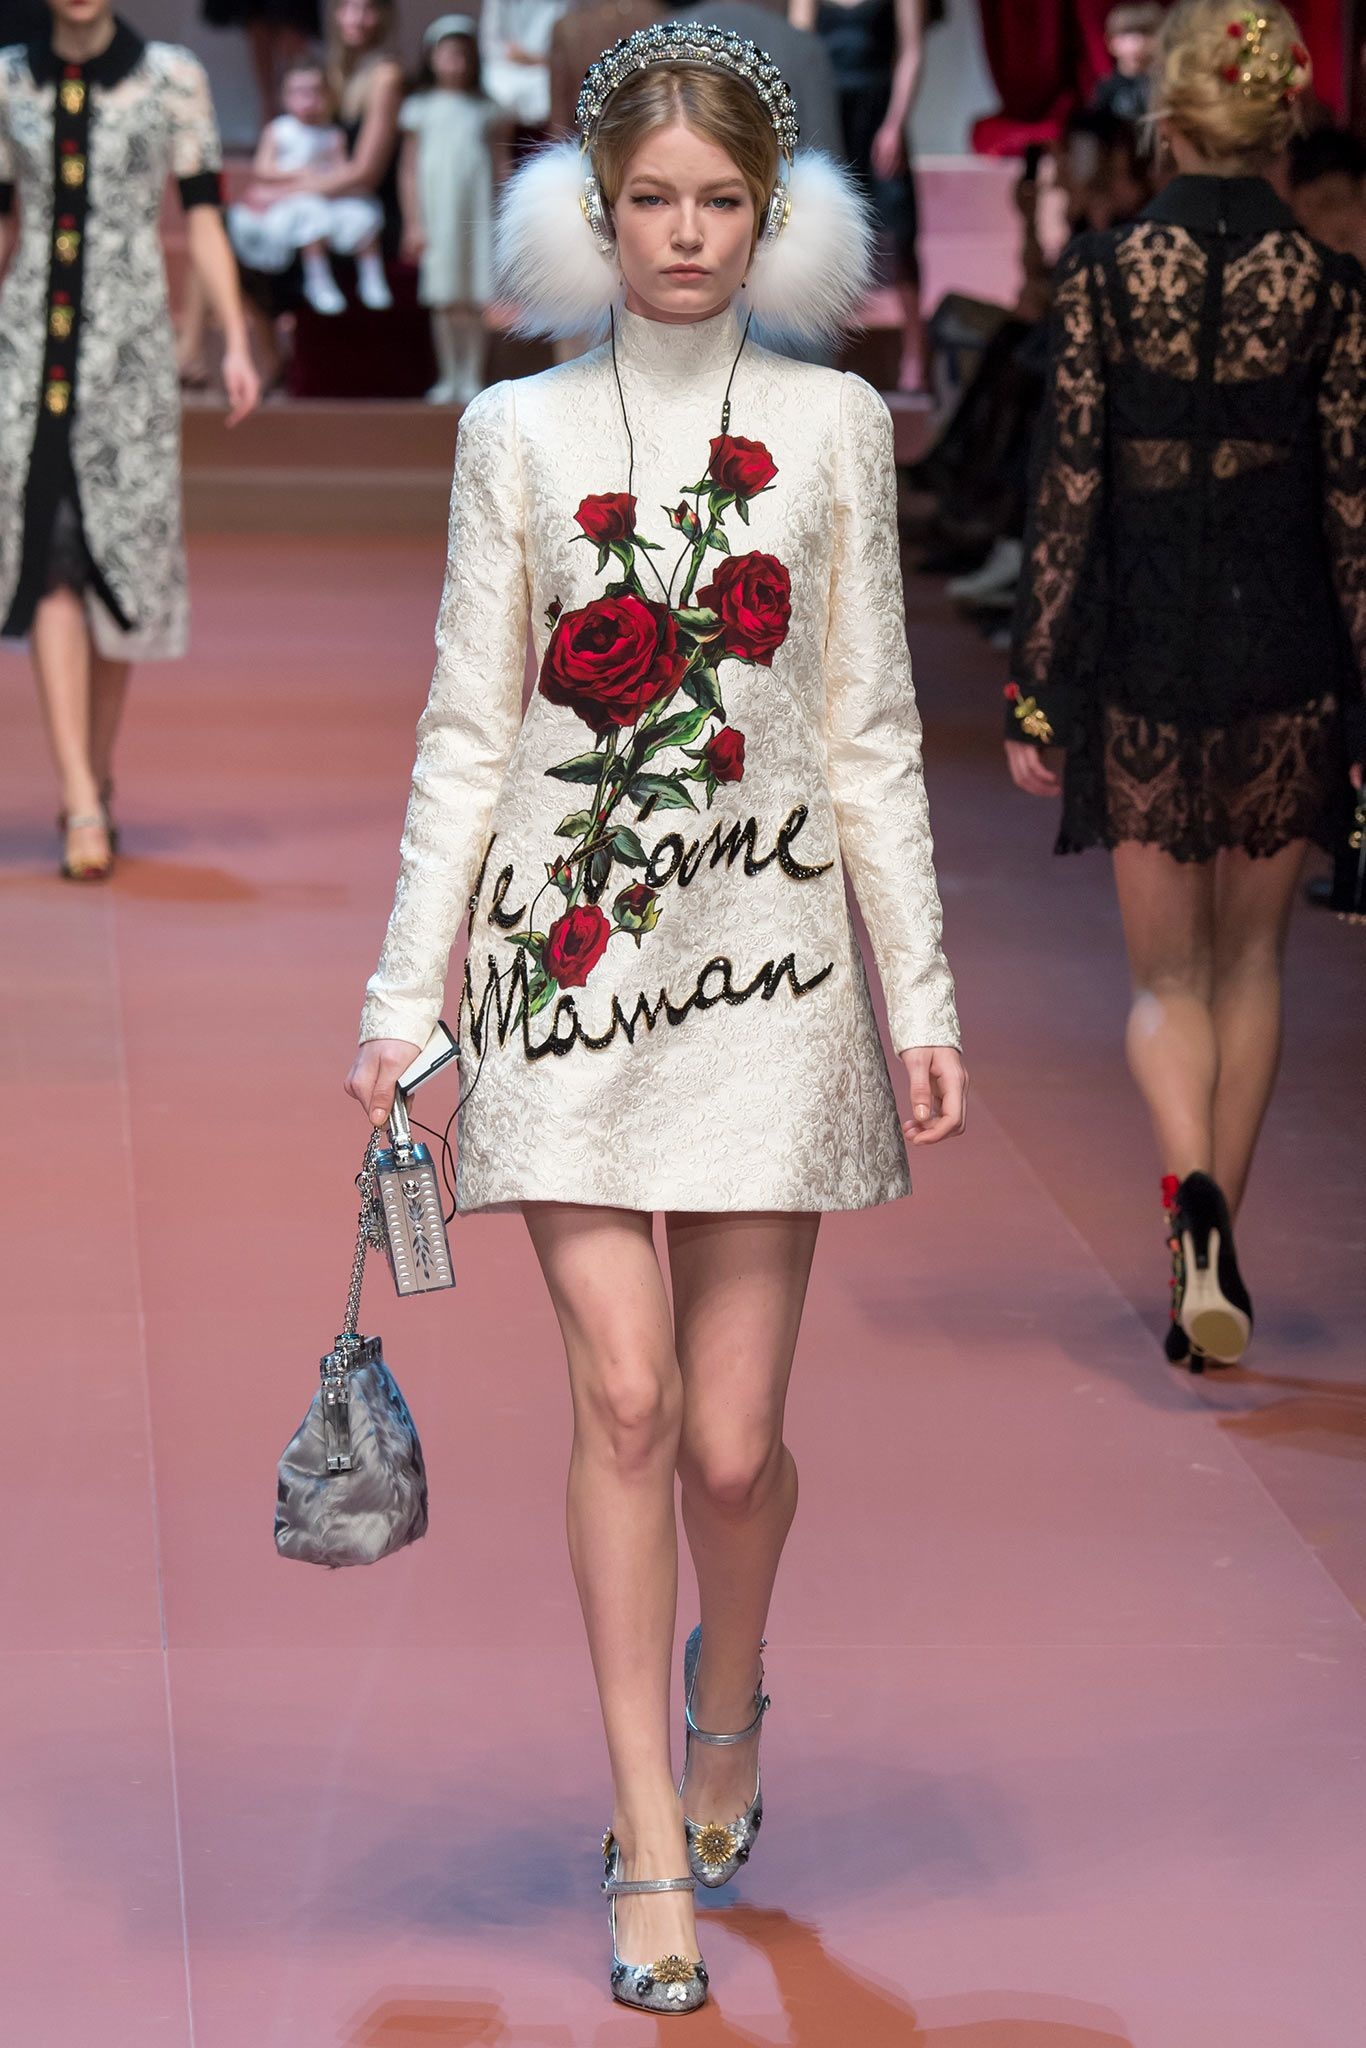 457799469b Dolce & Gabbana FW 2015 | Stuff - Clothes | Fashion, High fashion ...